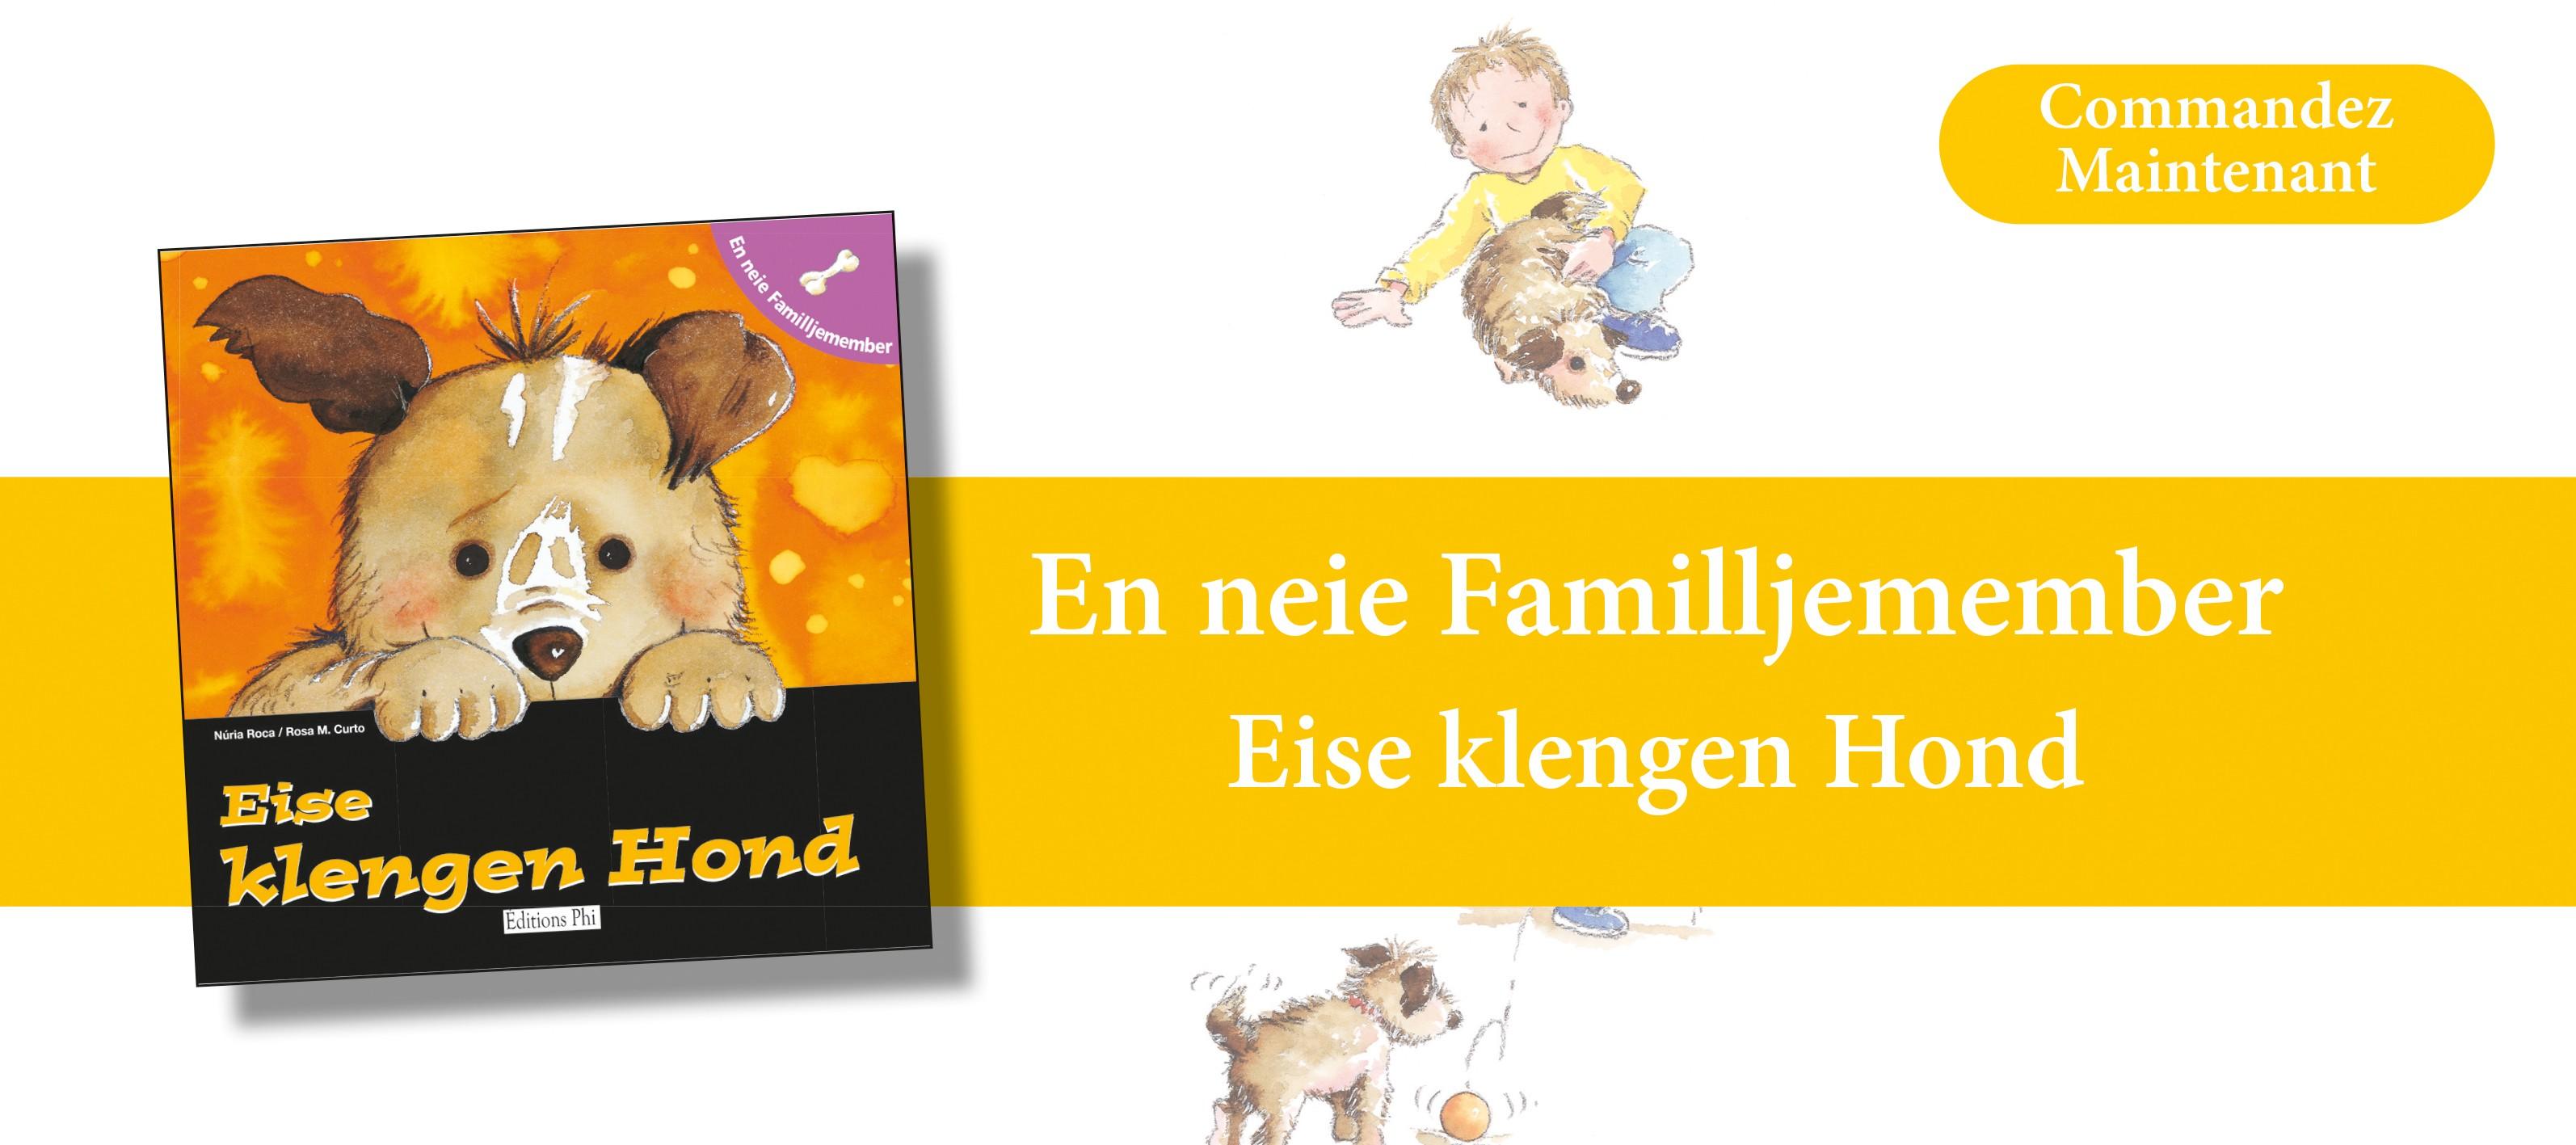 http://www.editionsphi.lu/fr/jeunesse/497-en-neie-familljemember-eise-klengen-hond.html